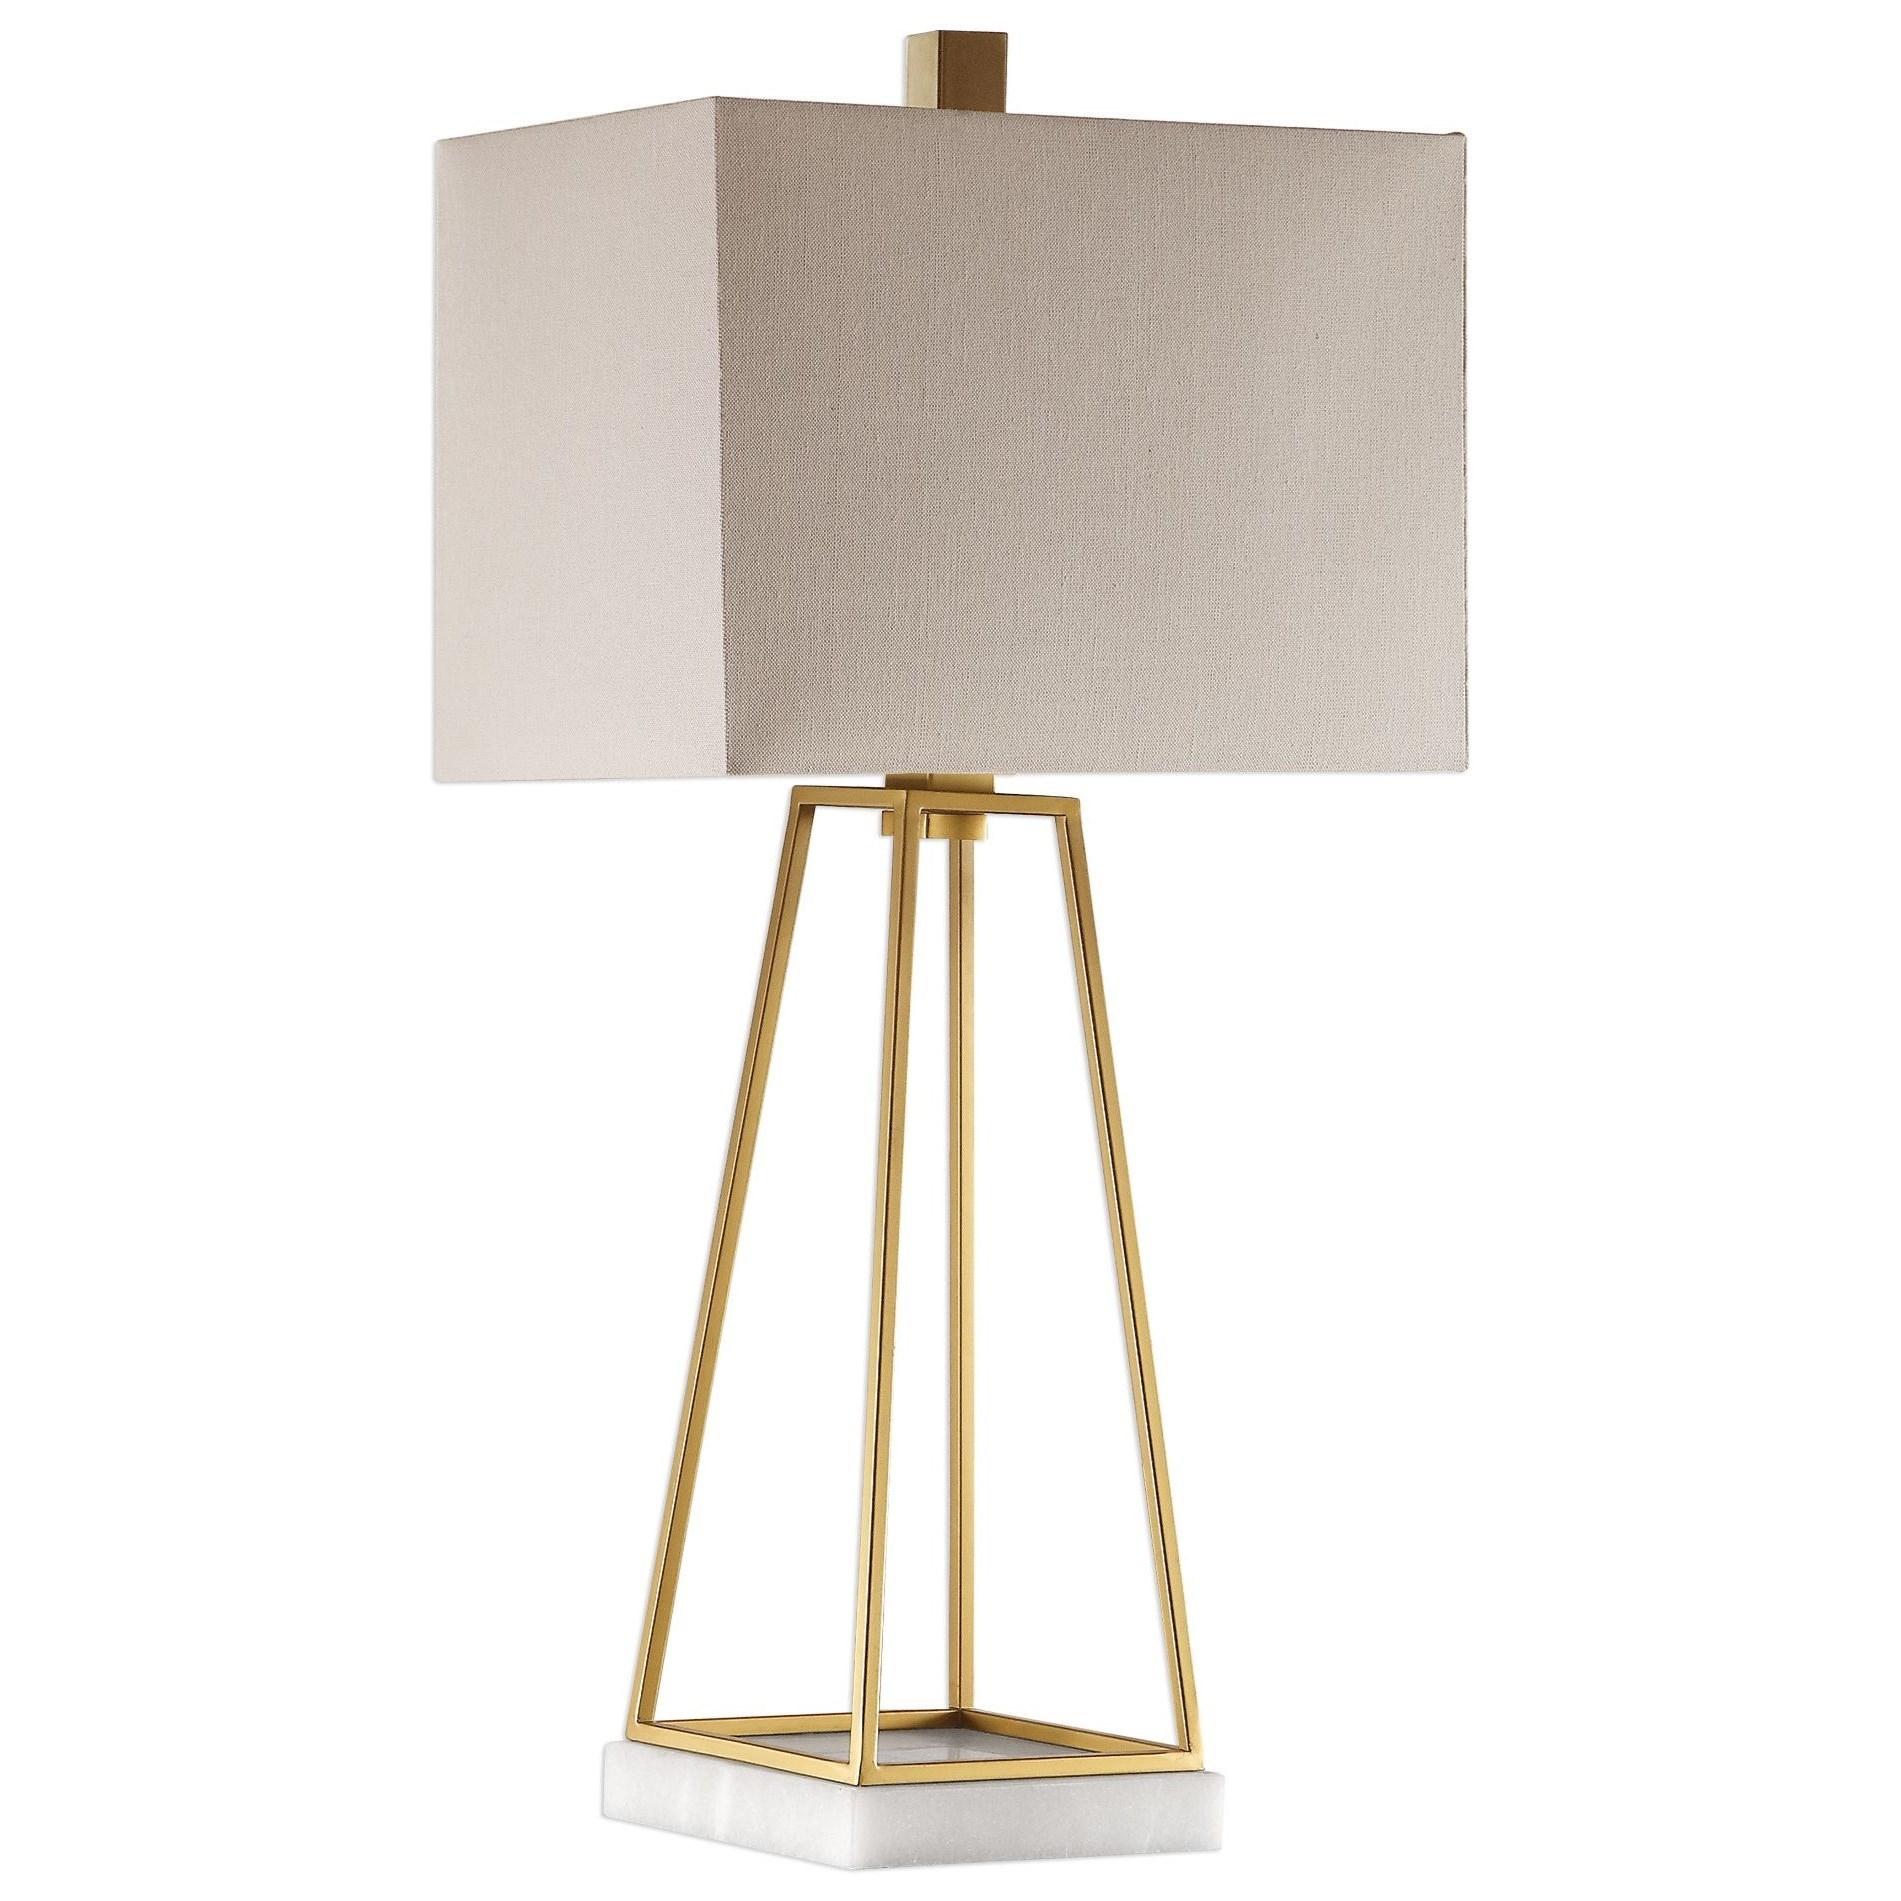 Mackean Metallic Gold Lamp